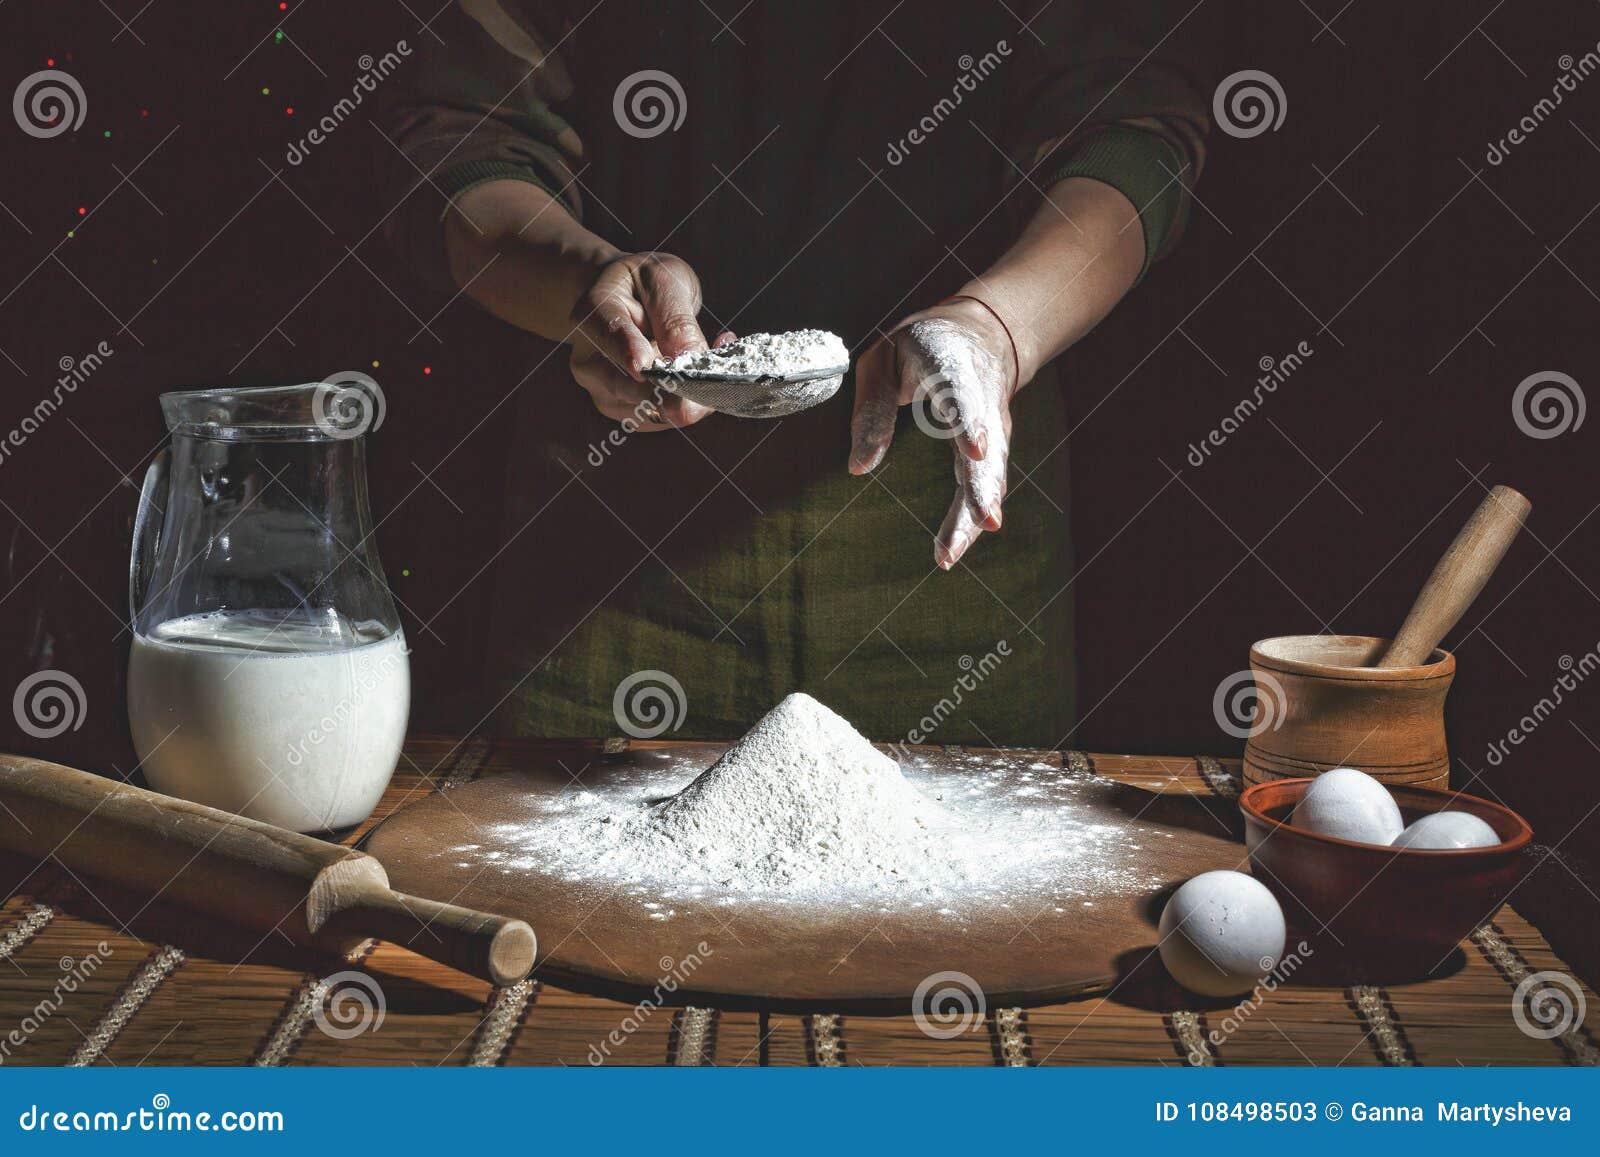 Framställning av bröd, retro utformat bildspråk Tillfogat korn bagerit Förberedelse av bröddeg